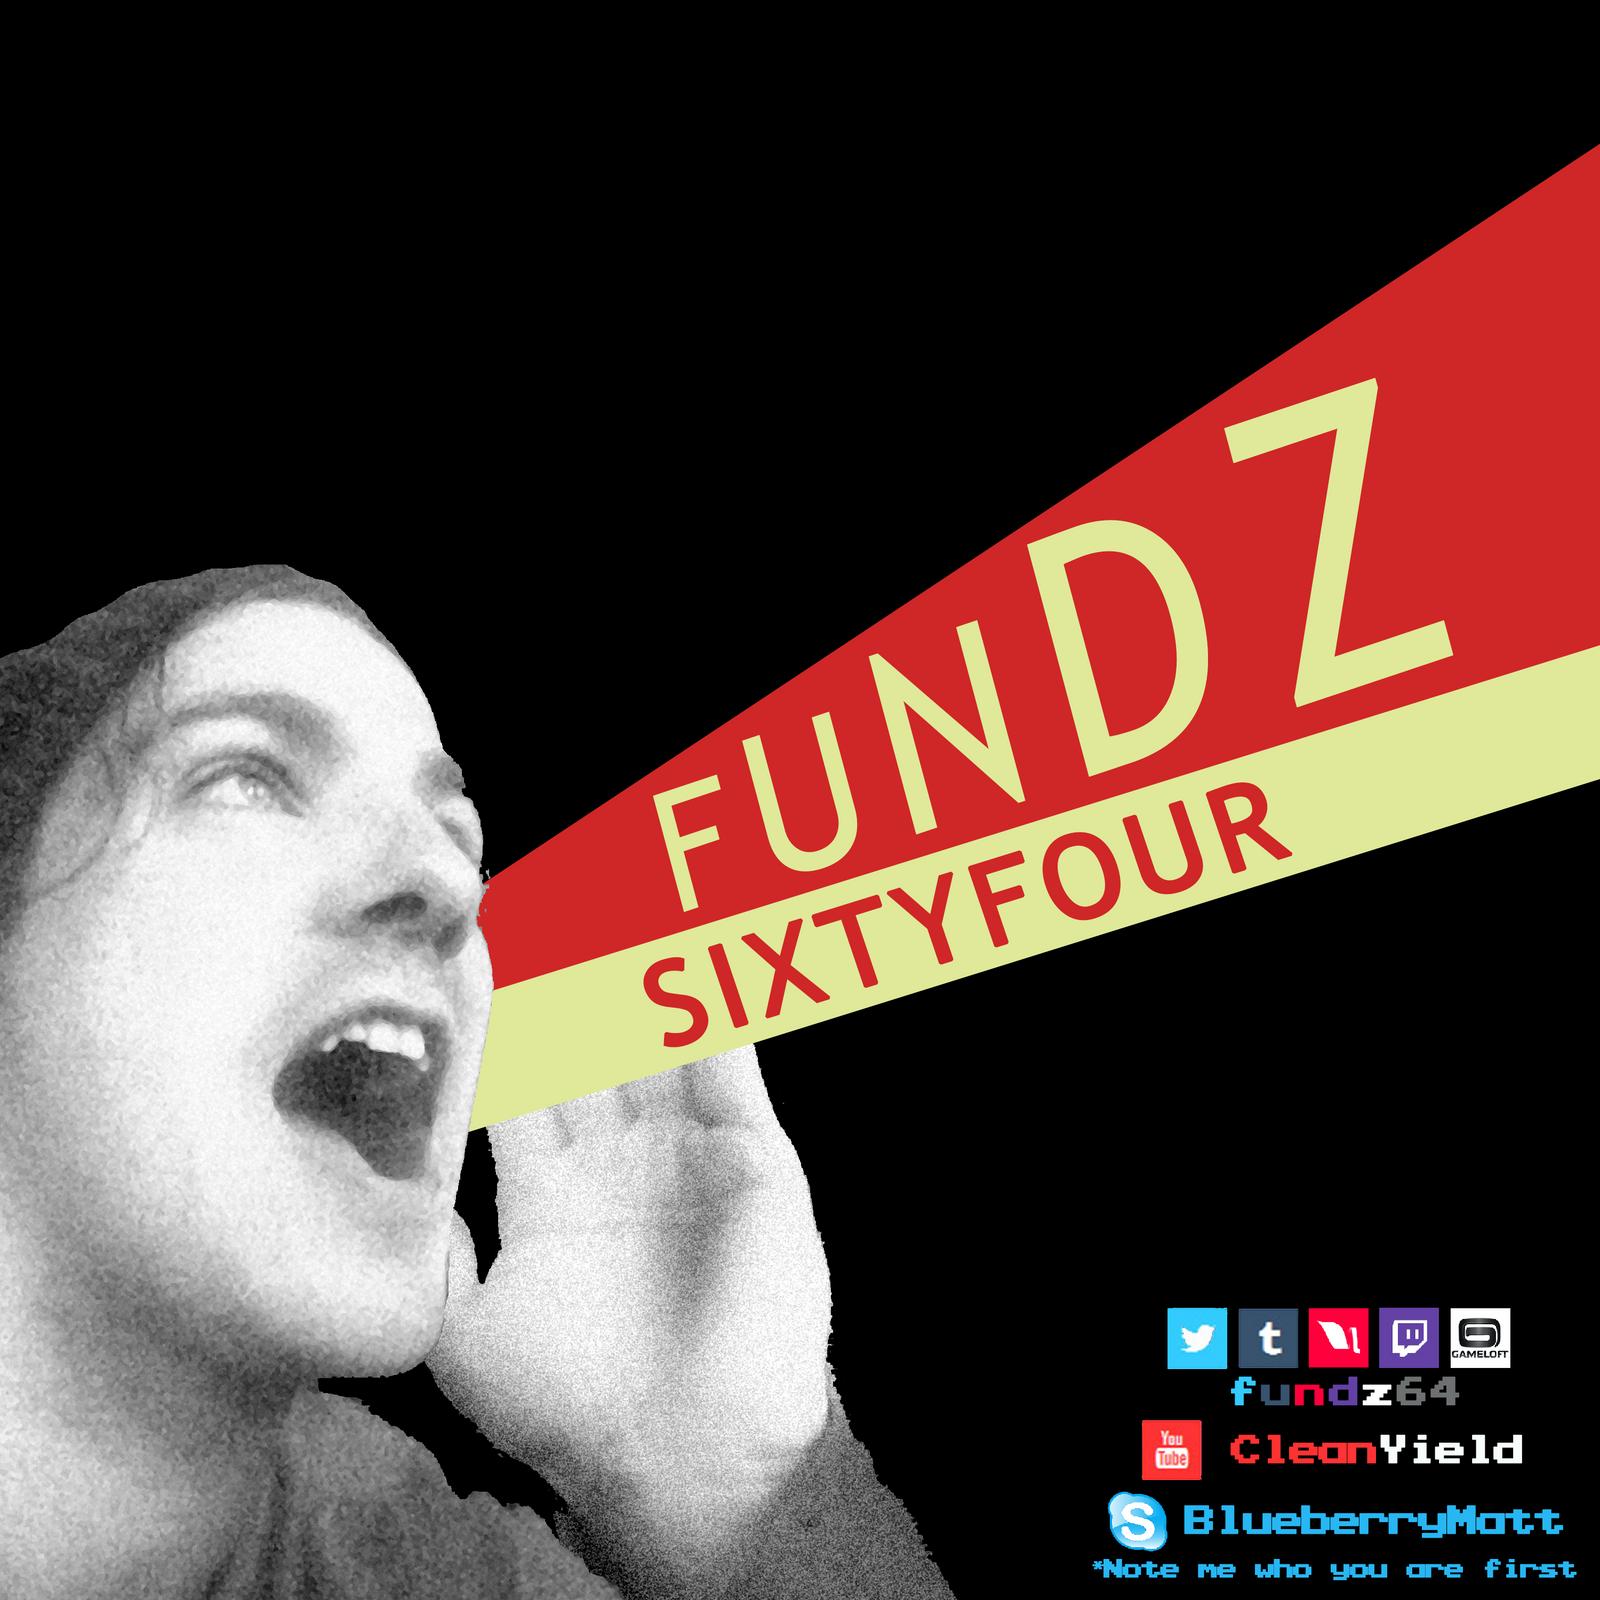 Fundz64's Profile Picture